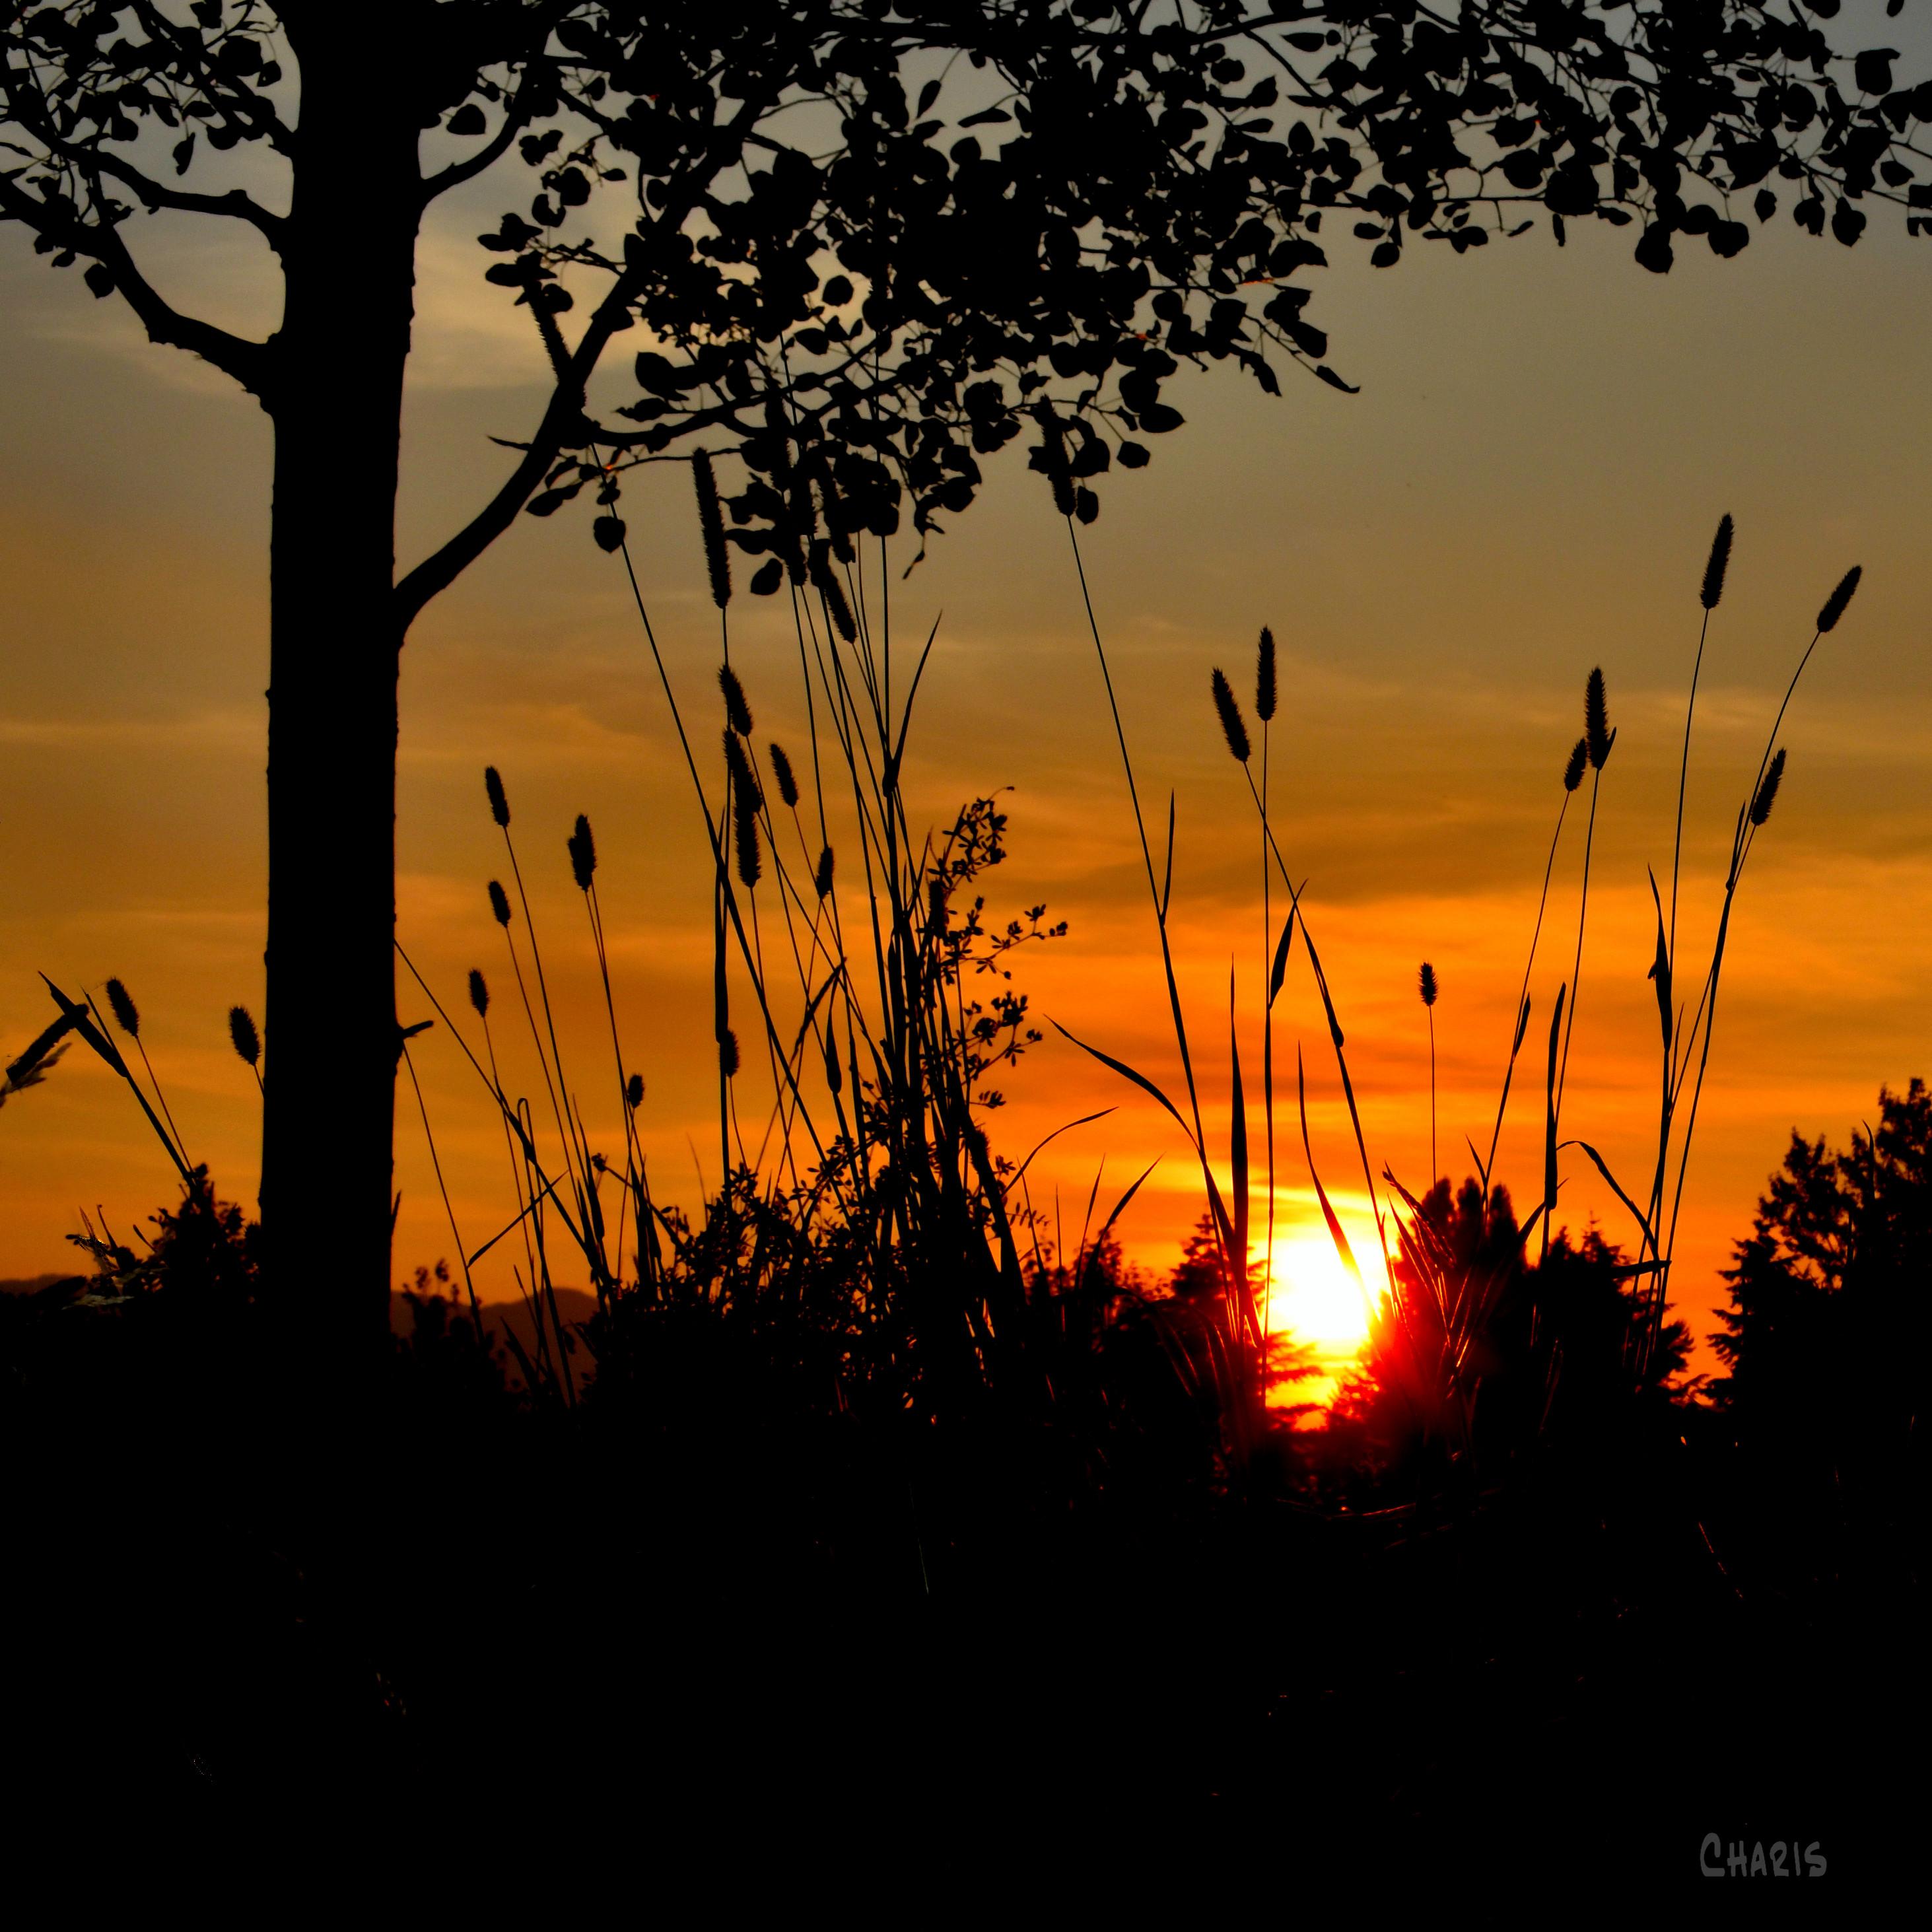 sunset grass tree silhouette ch crop DSC_0194